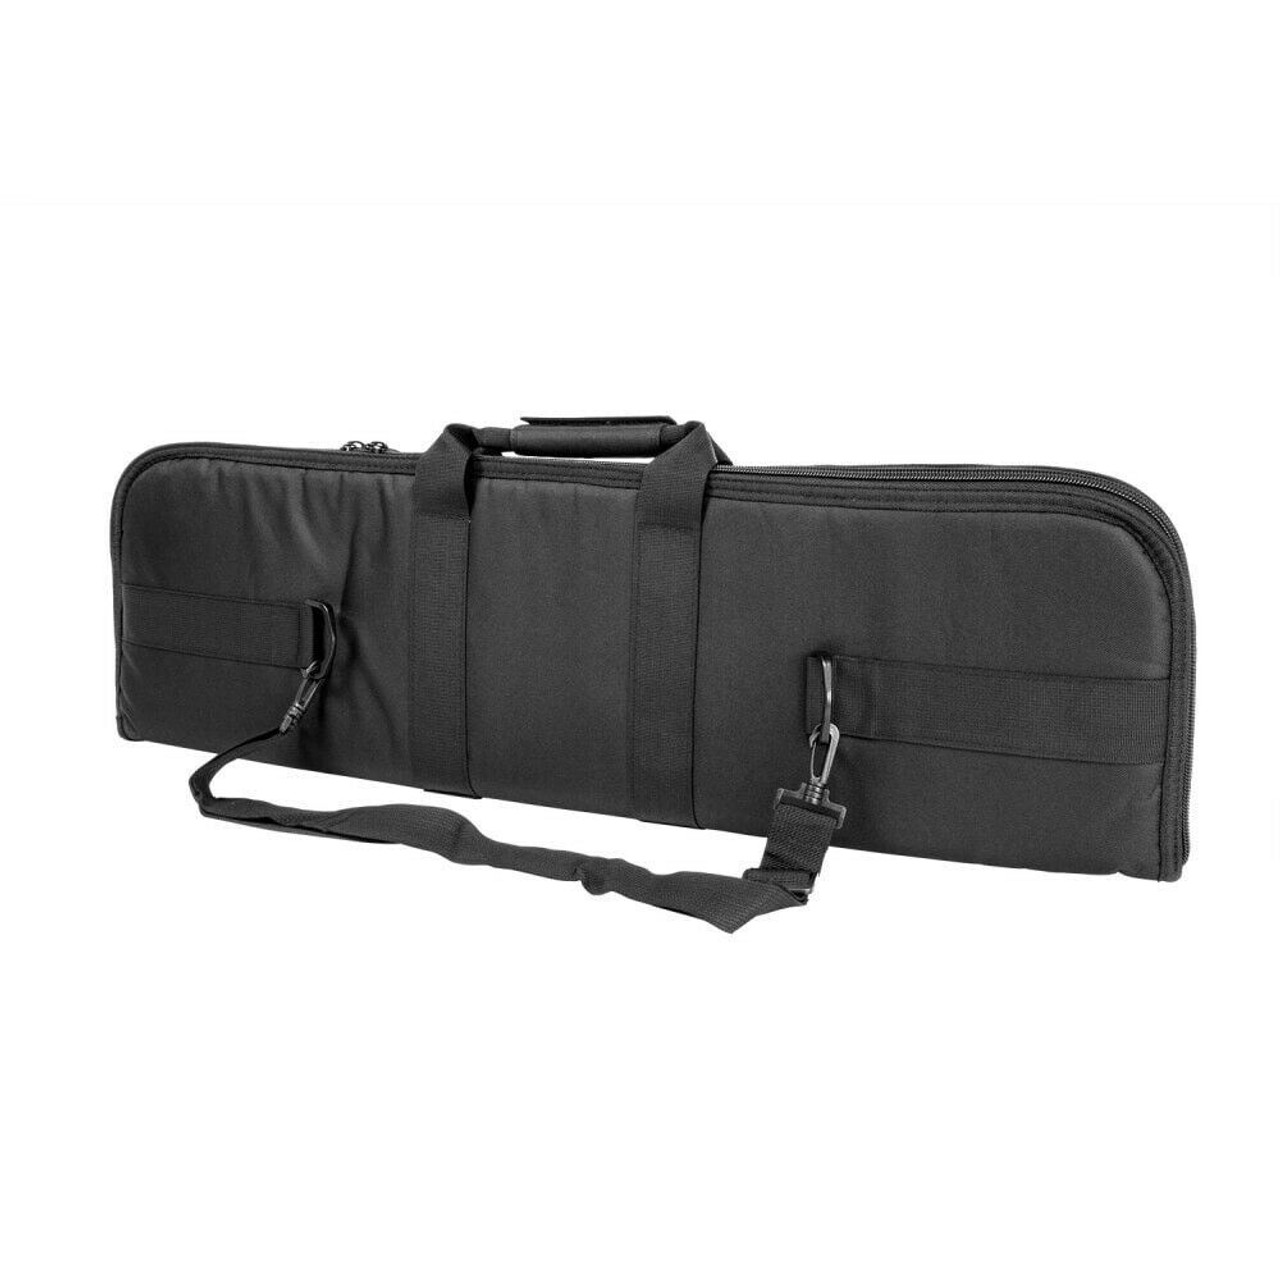 NcSTAR CV2910-32 inch 10 inch High Padded Rifle Case High Density Foam